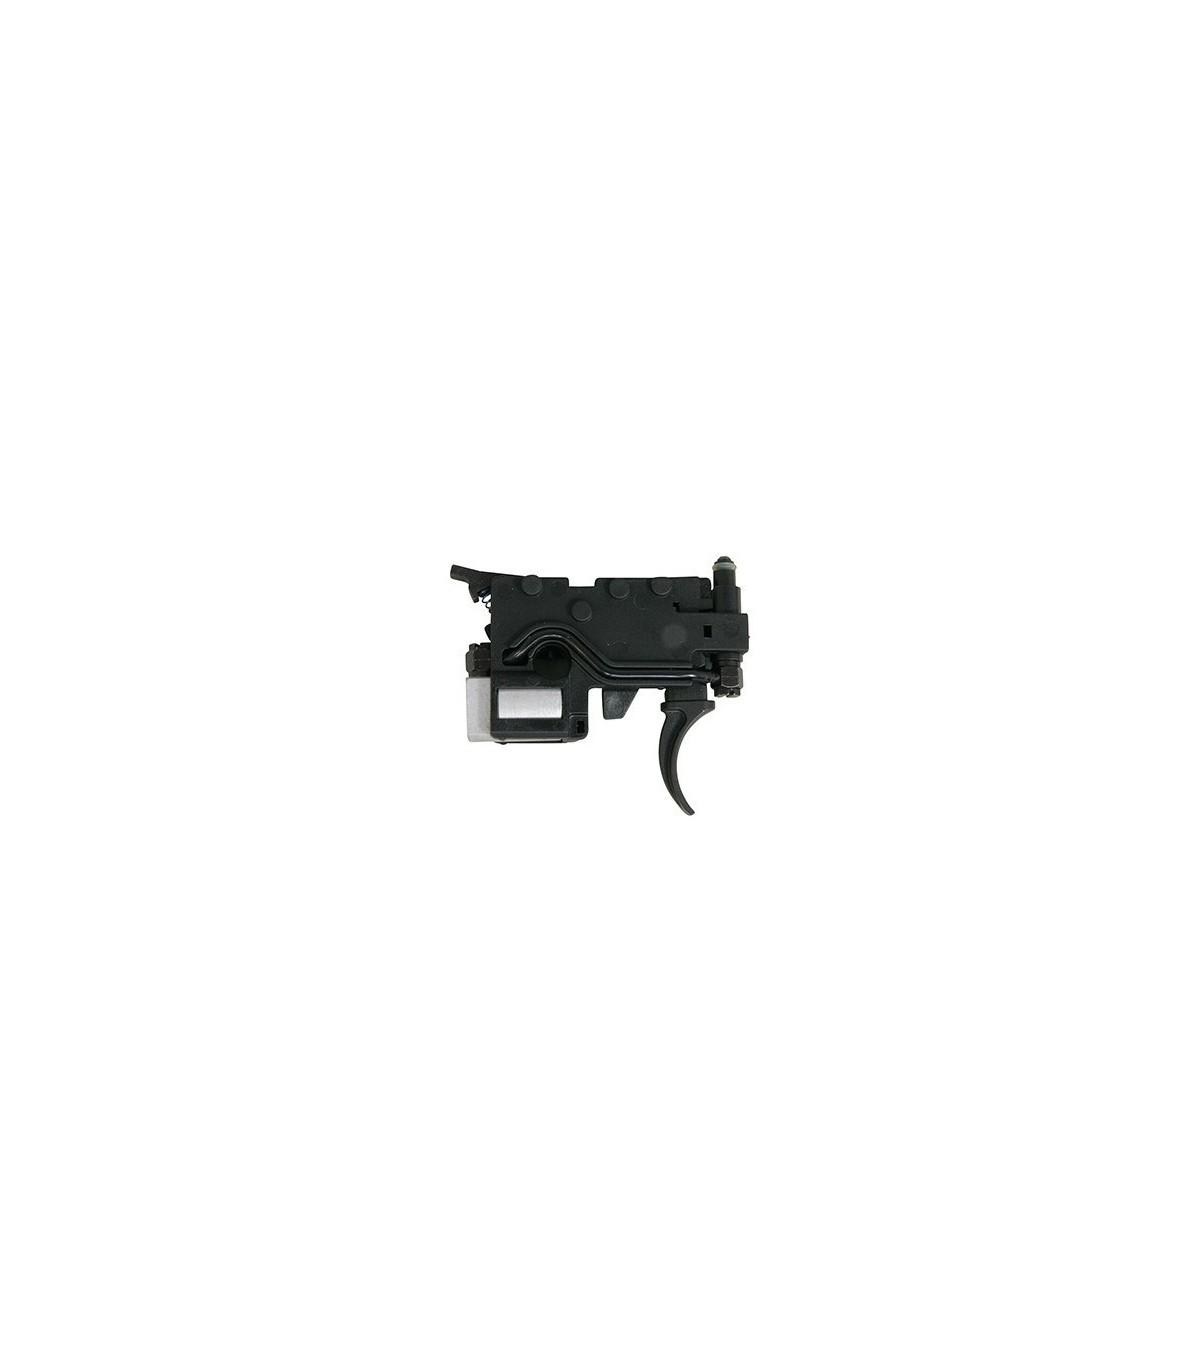 Tippmann M4 Trigger Assembly